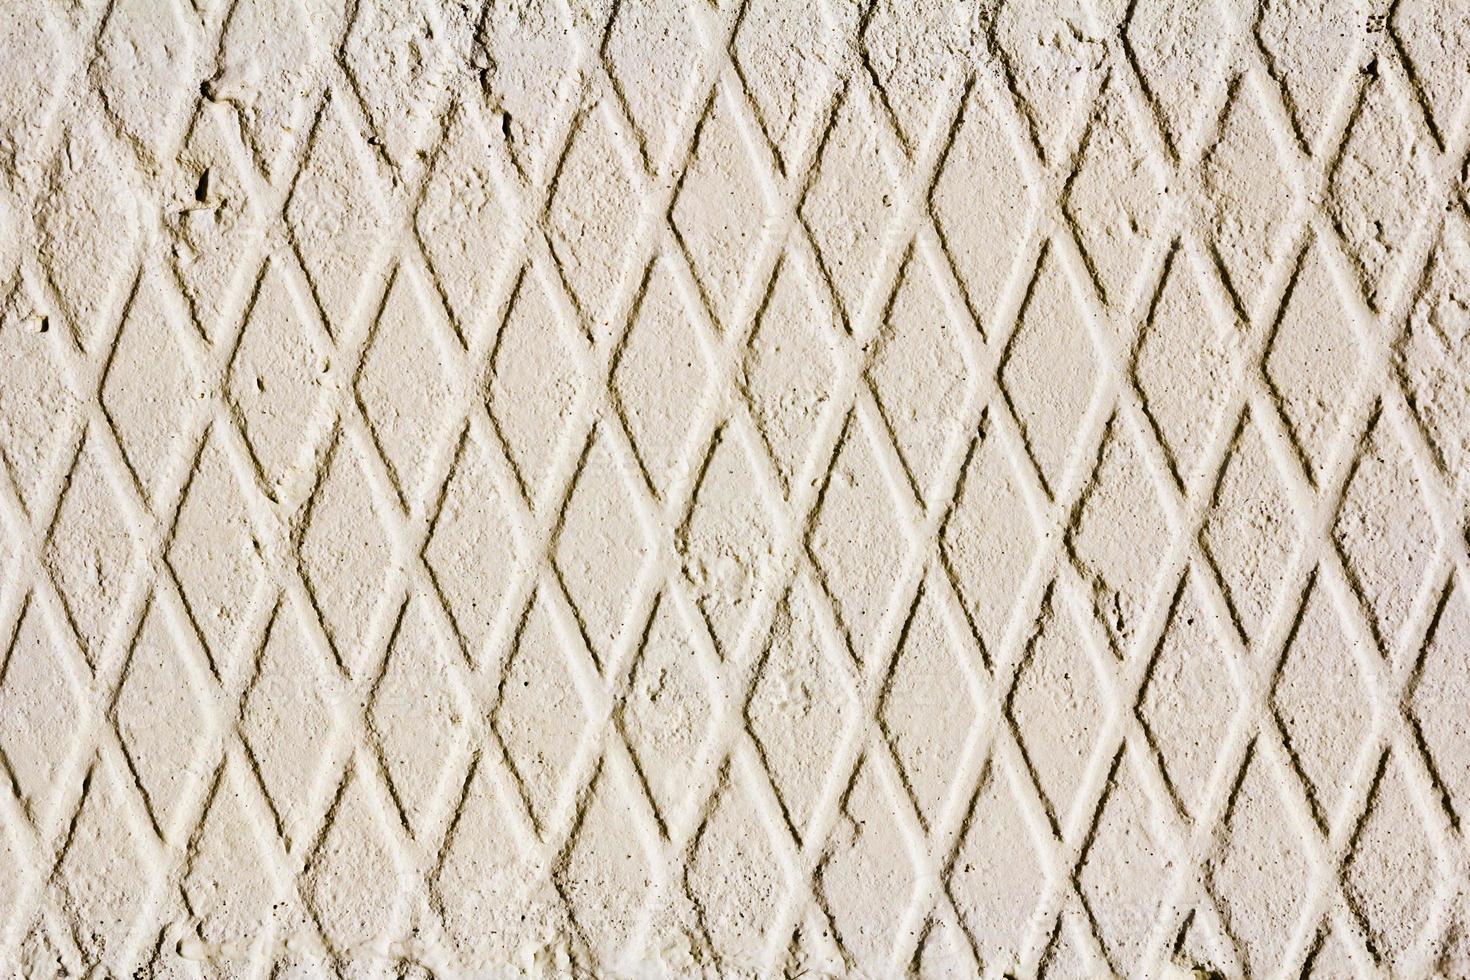 muro de concreto com padrão geométrico foto